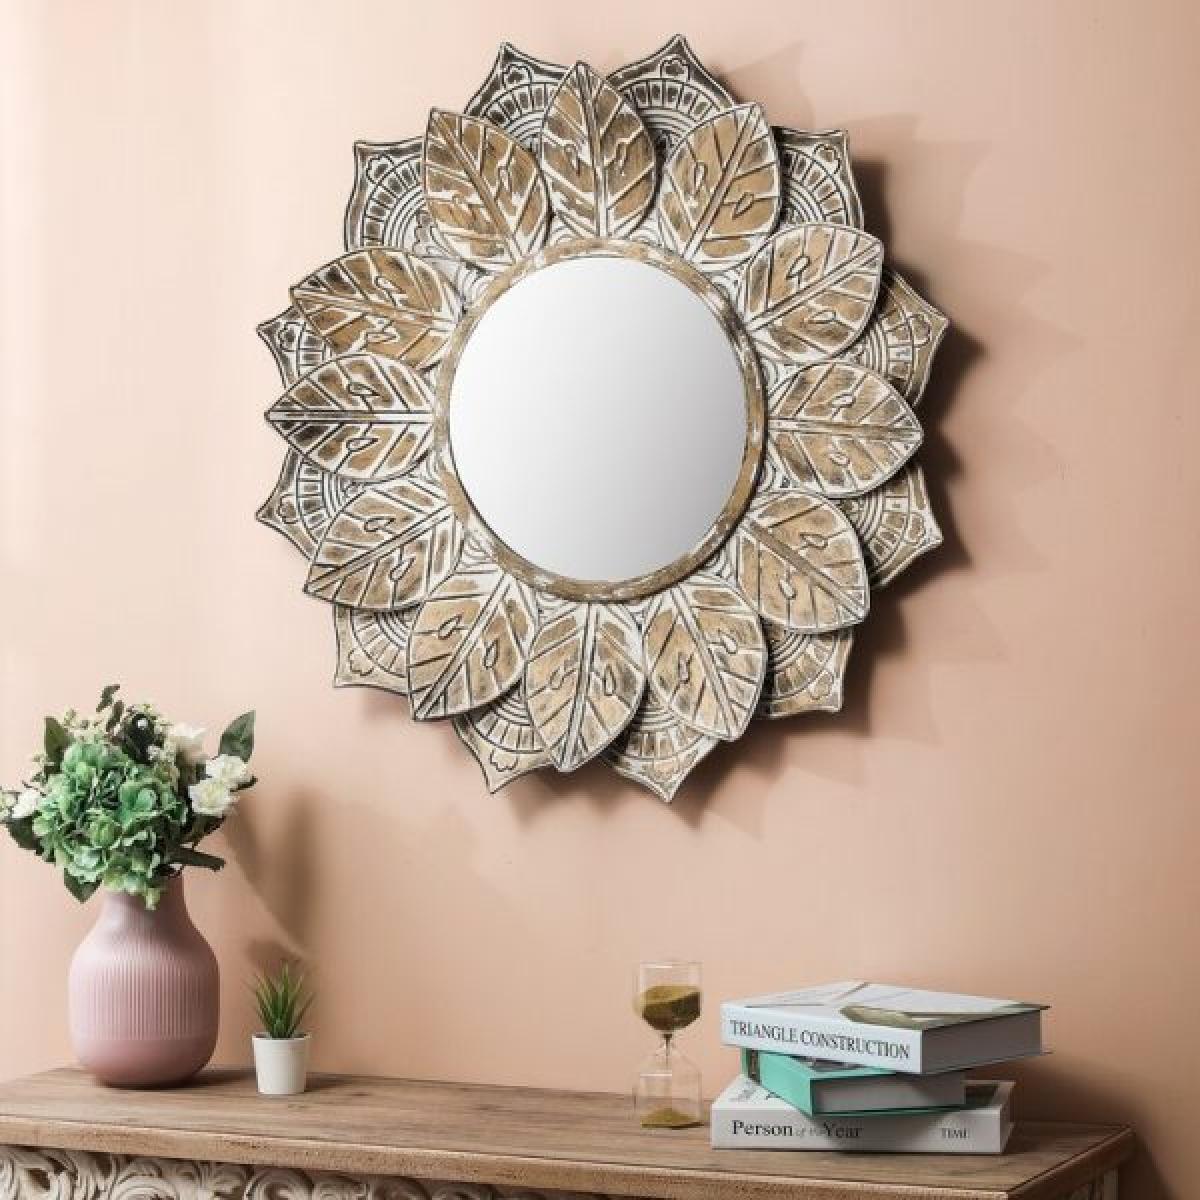 Cảm hứng cổ điển là điểm nổi bật của chiếc gương này.